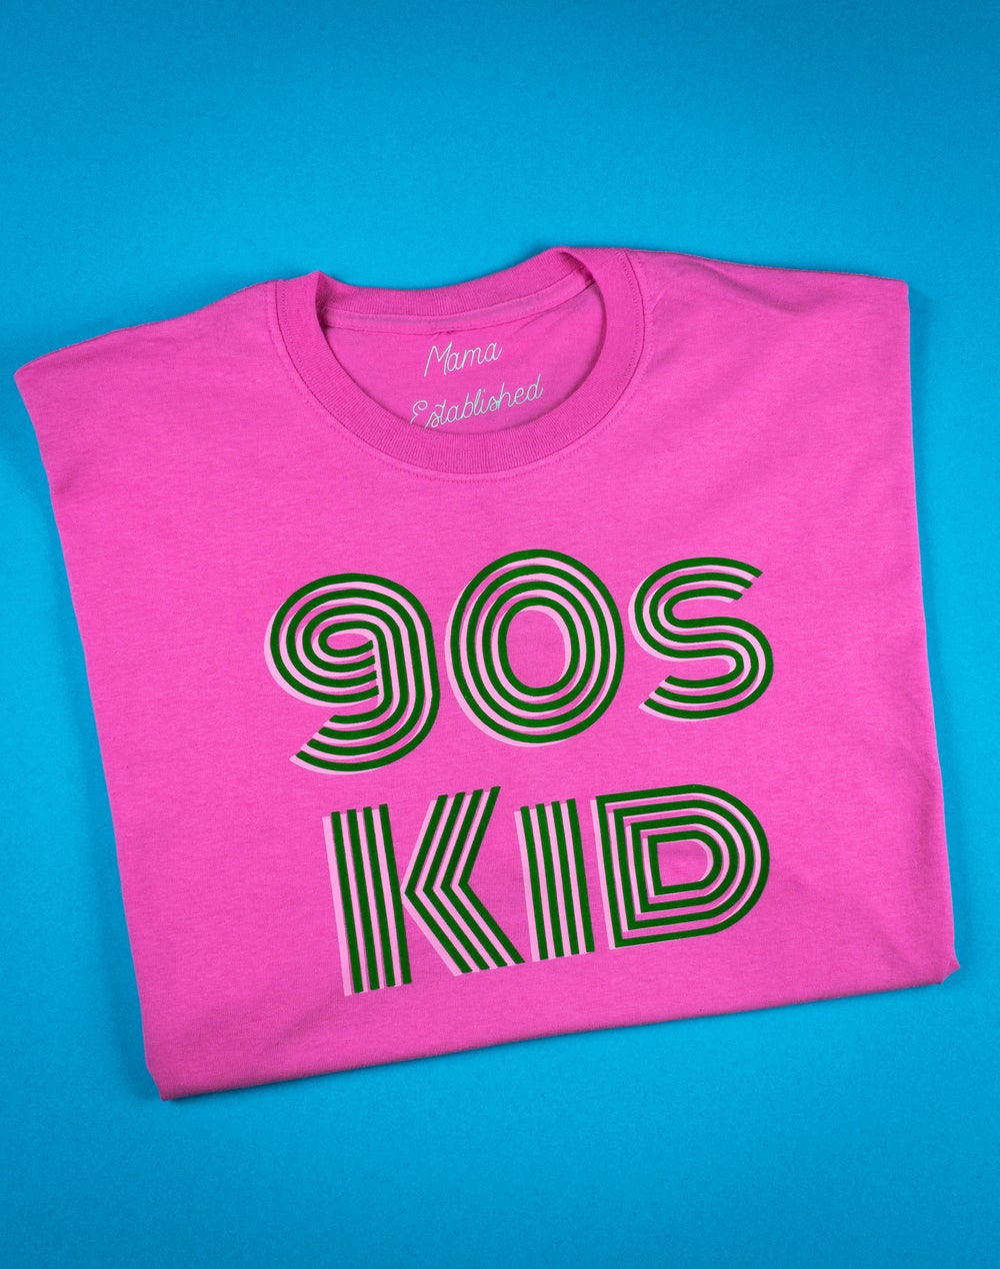 Image of 90s kid retro tee